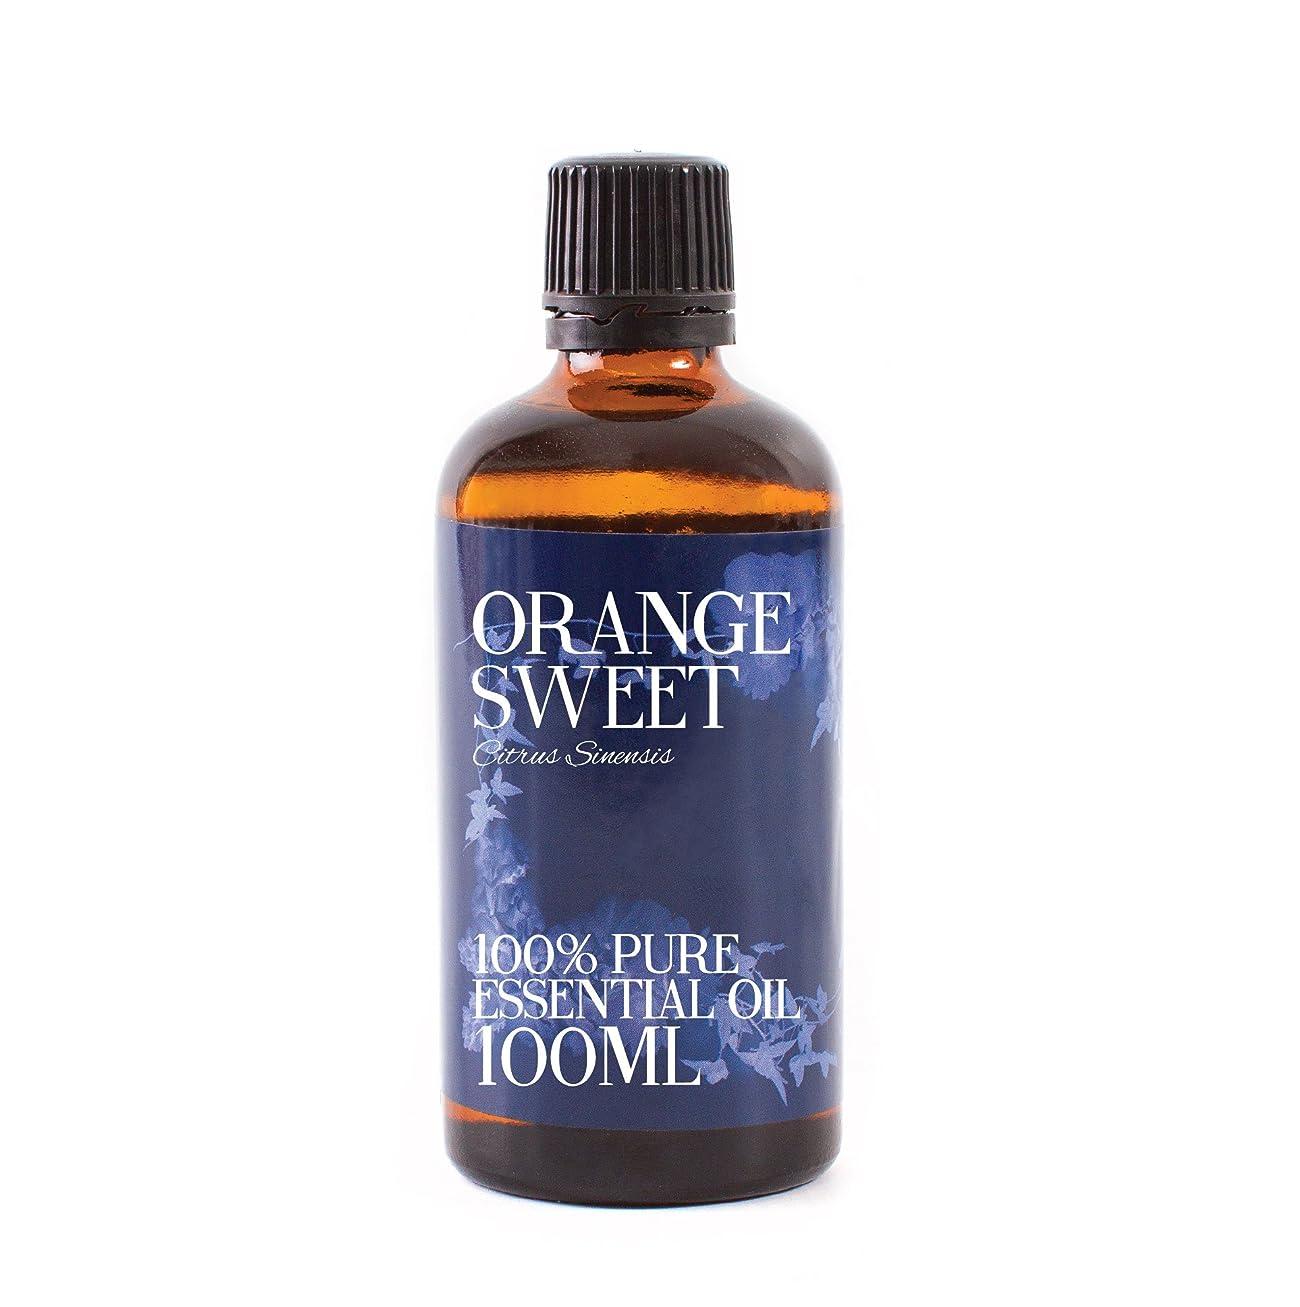 キュービック地雷原有力者Mystic Moments | Orange Sweet Essential Oil - 100ml - 100% Pure